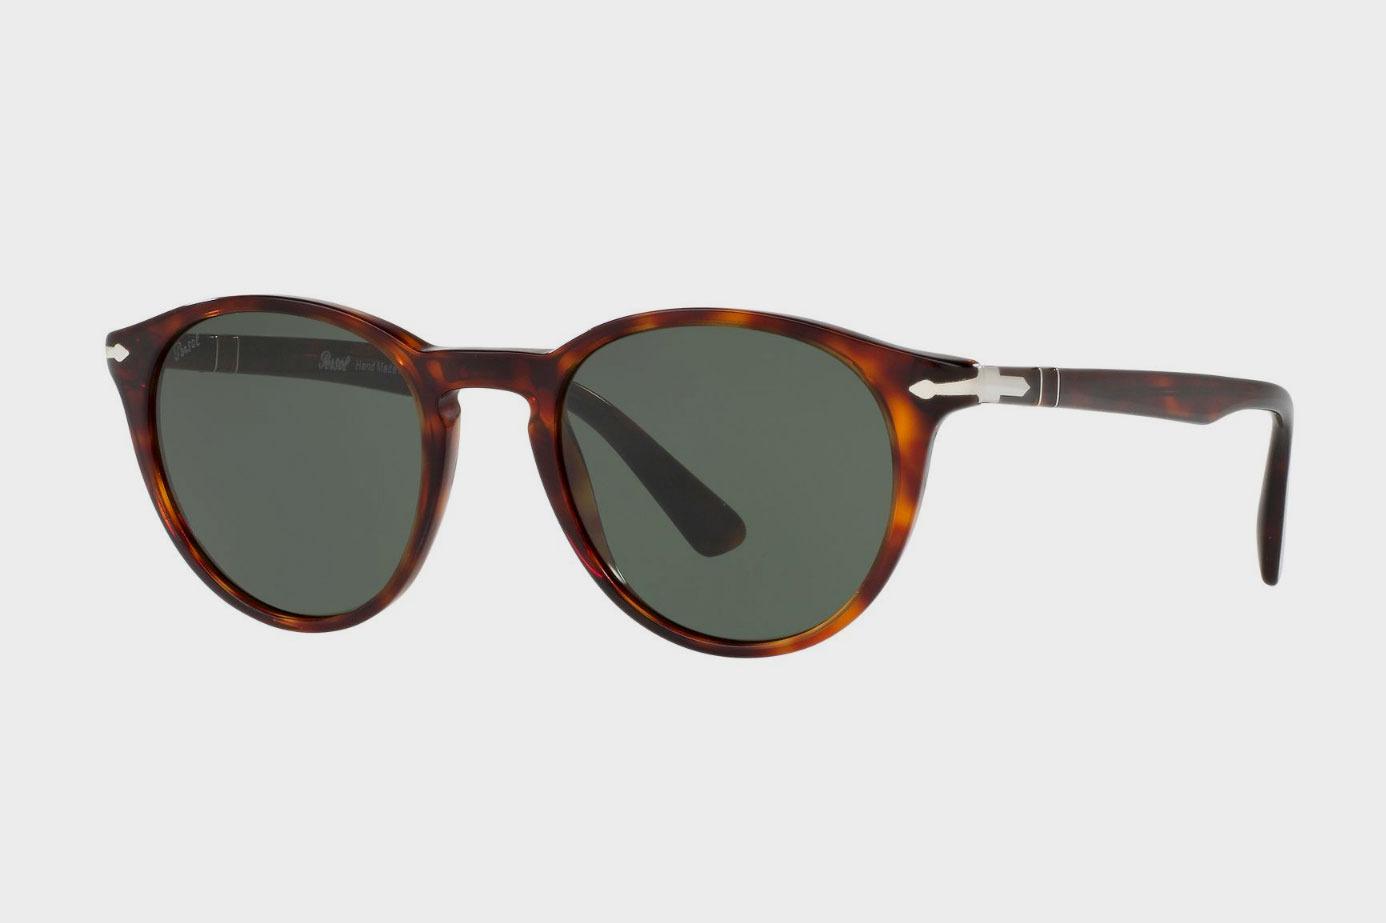 Galleria '900 Sunglasses